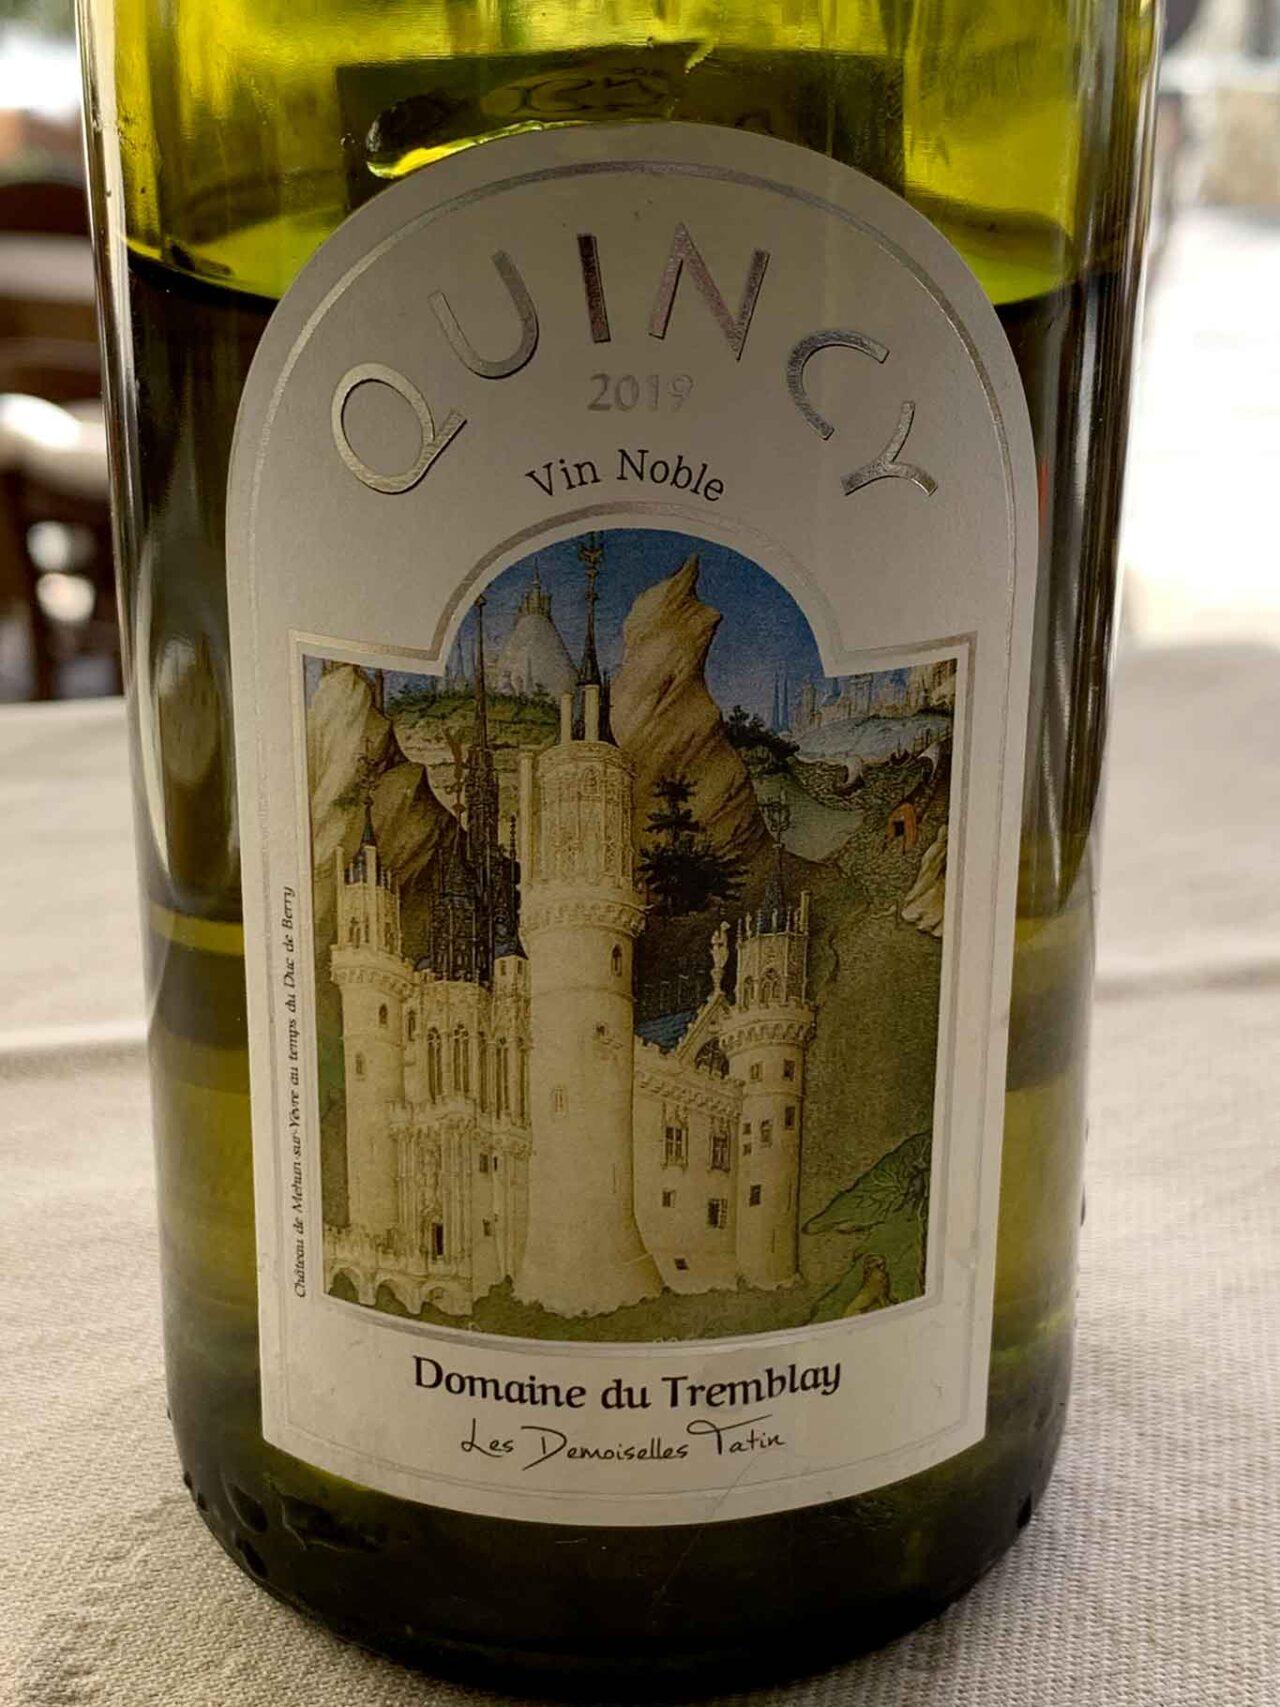 Domaine Du Tremblay Quincy Cuvée Vin Nobles